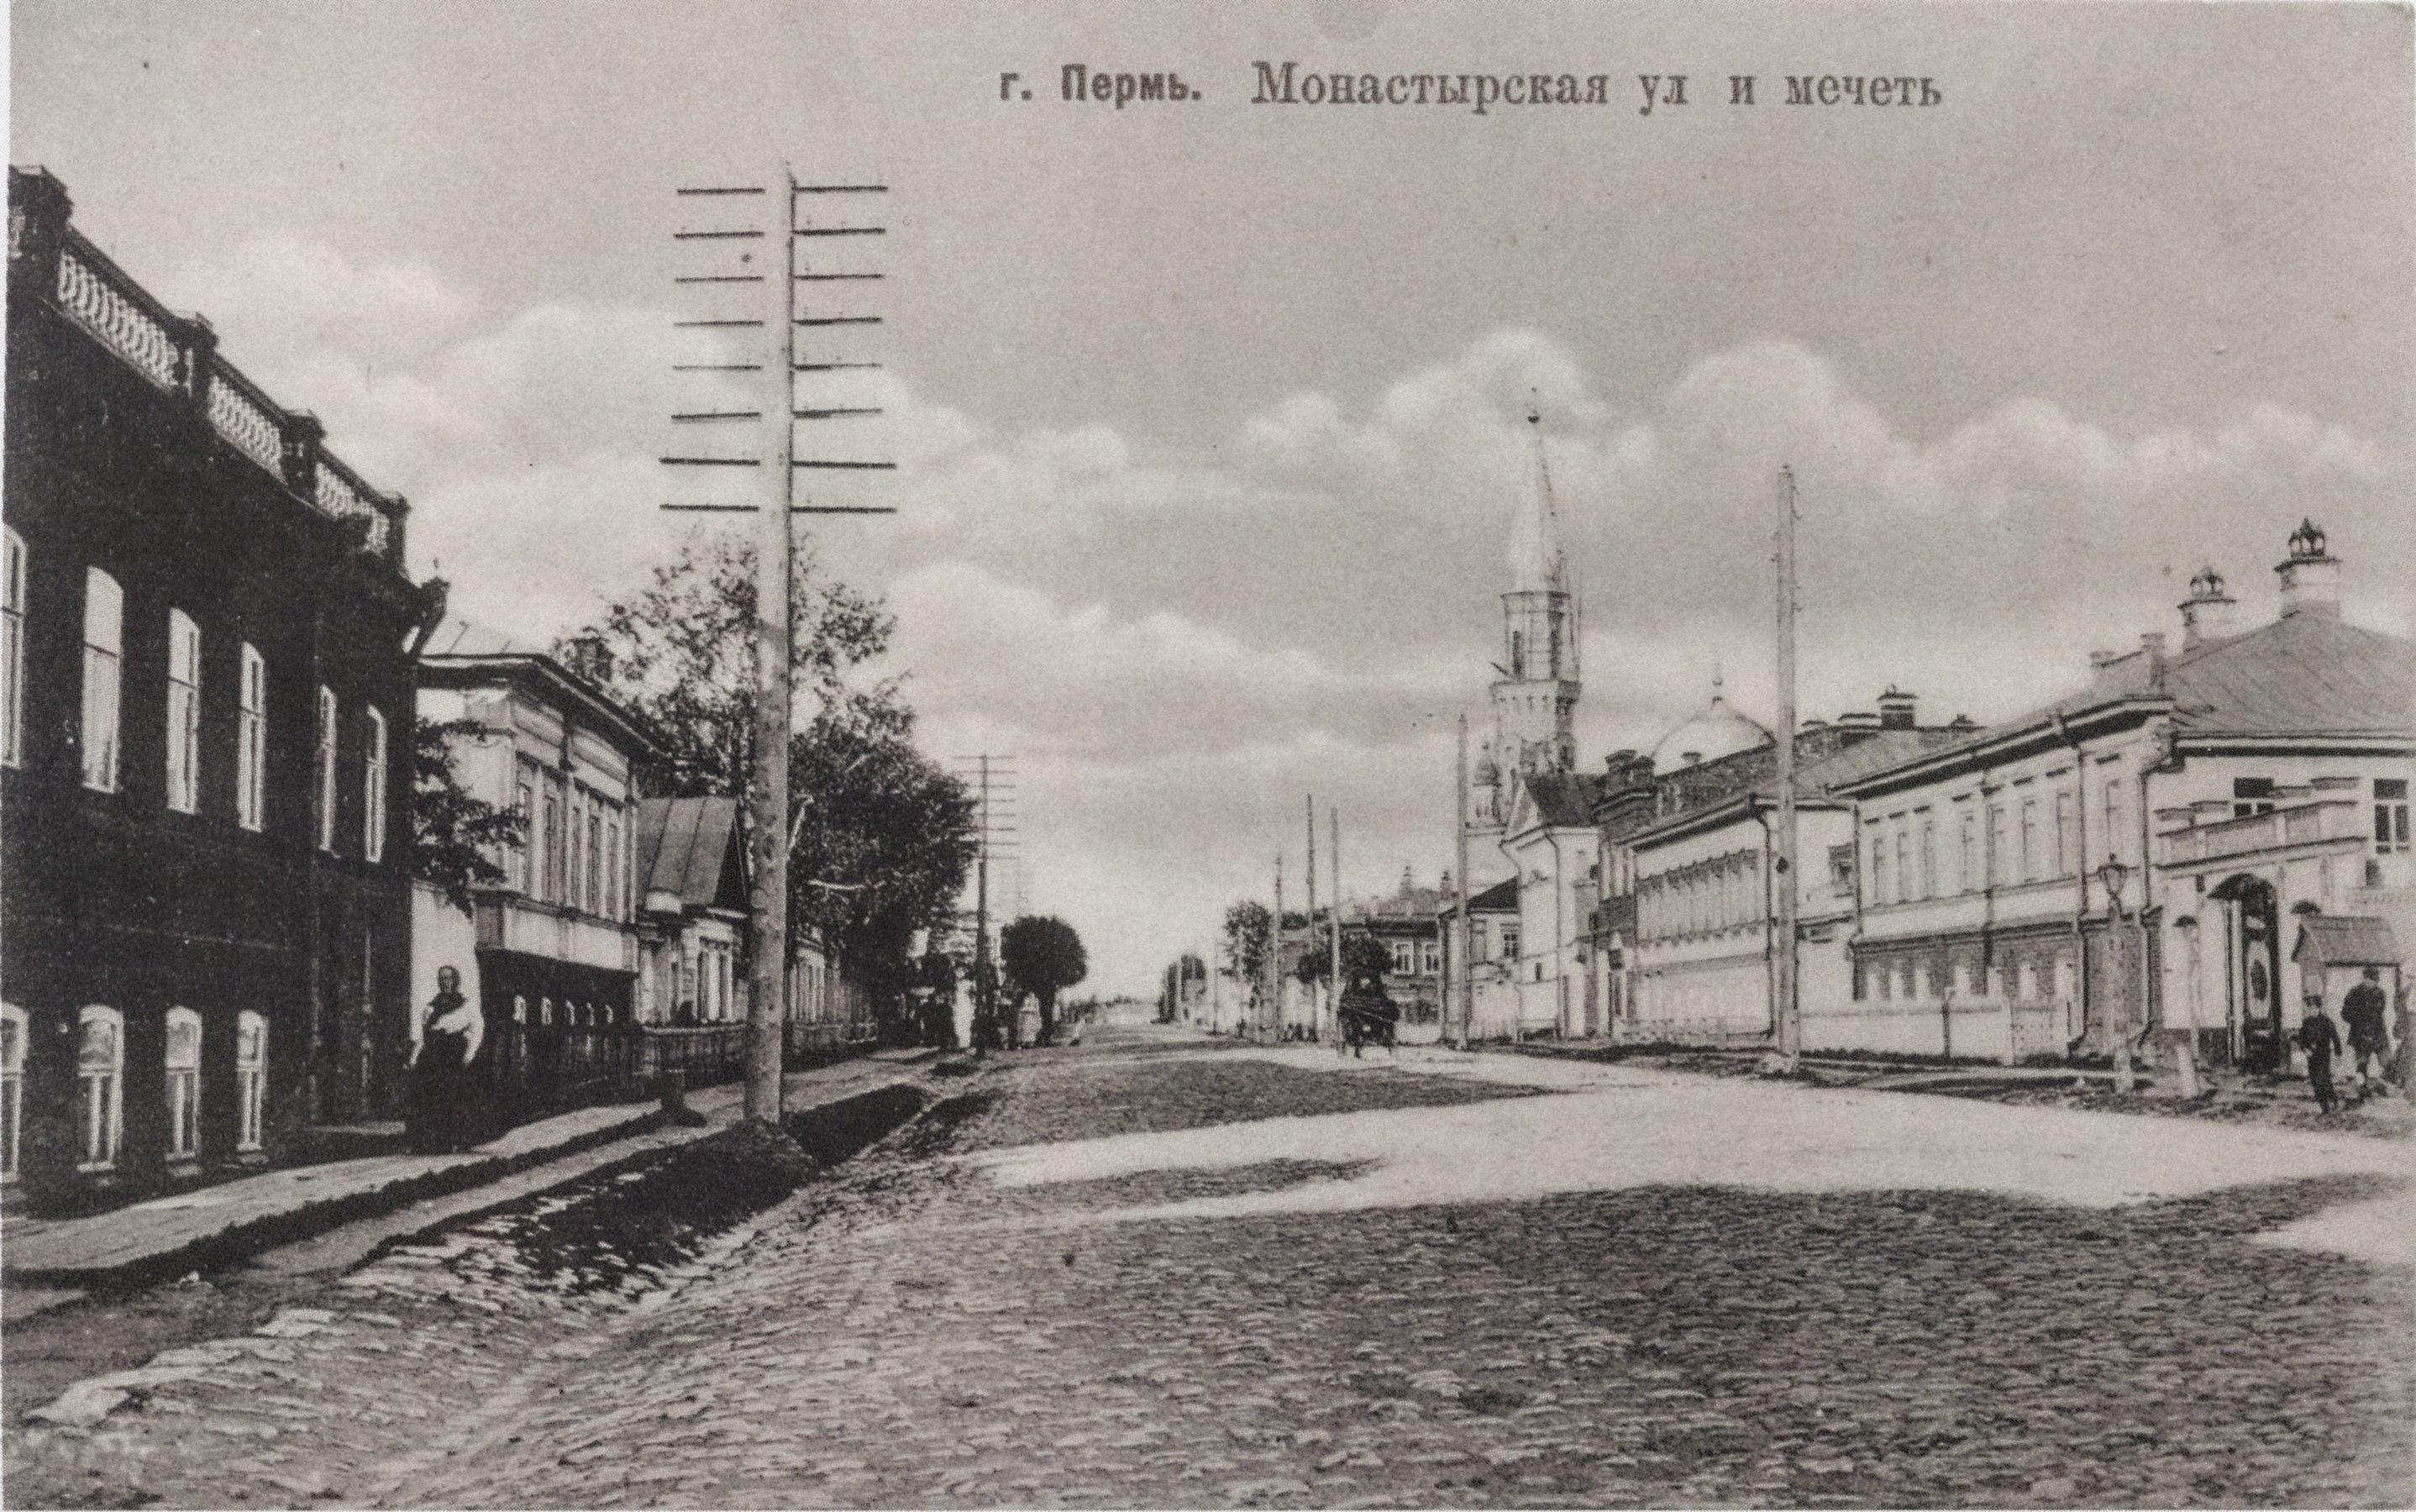 Монастырская улица и мечеть